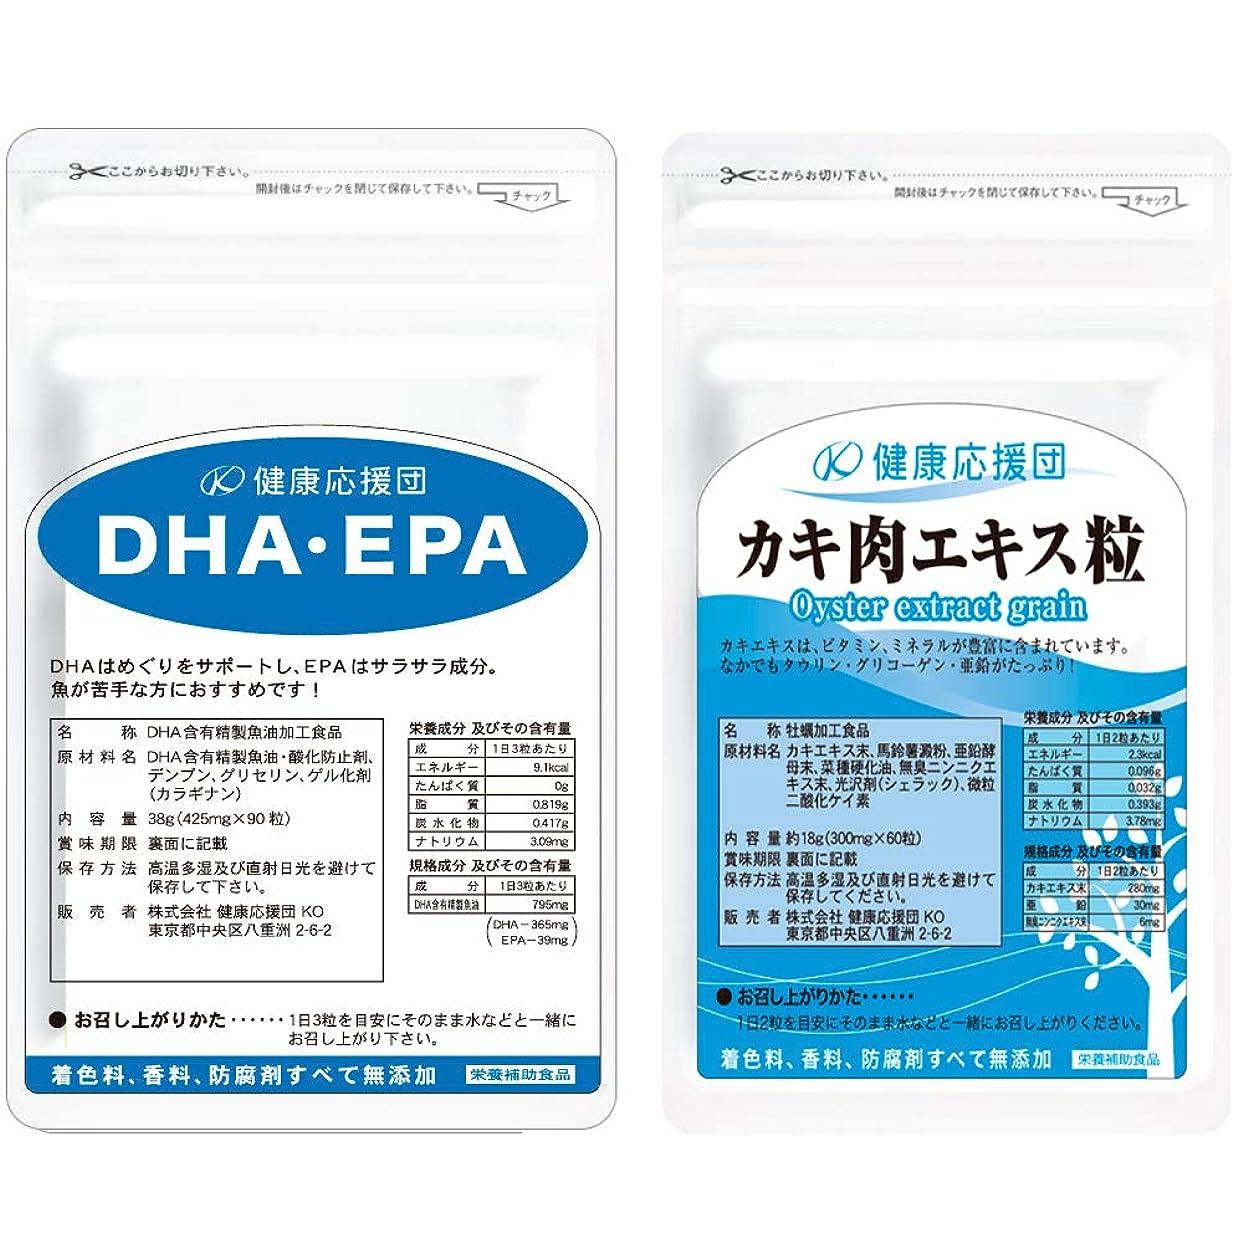 コーラス類推スポーツマン【DHA?EPA】&【濃縮牡蠣エキス粒】 肝臓の応援セット!肝臓の数値が高めの方にお勧め!